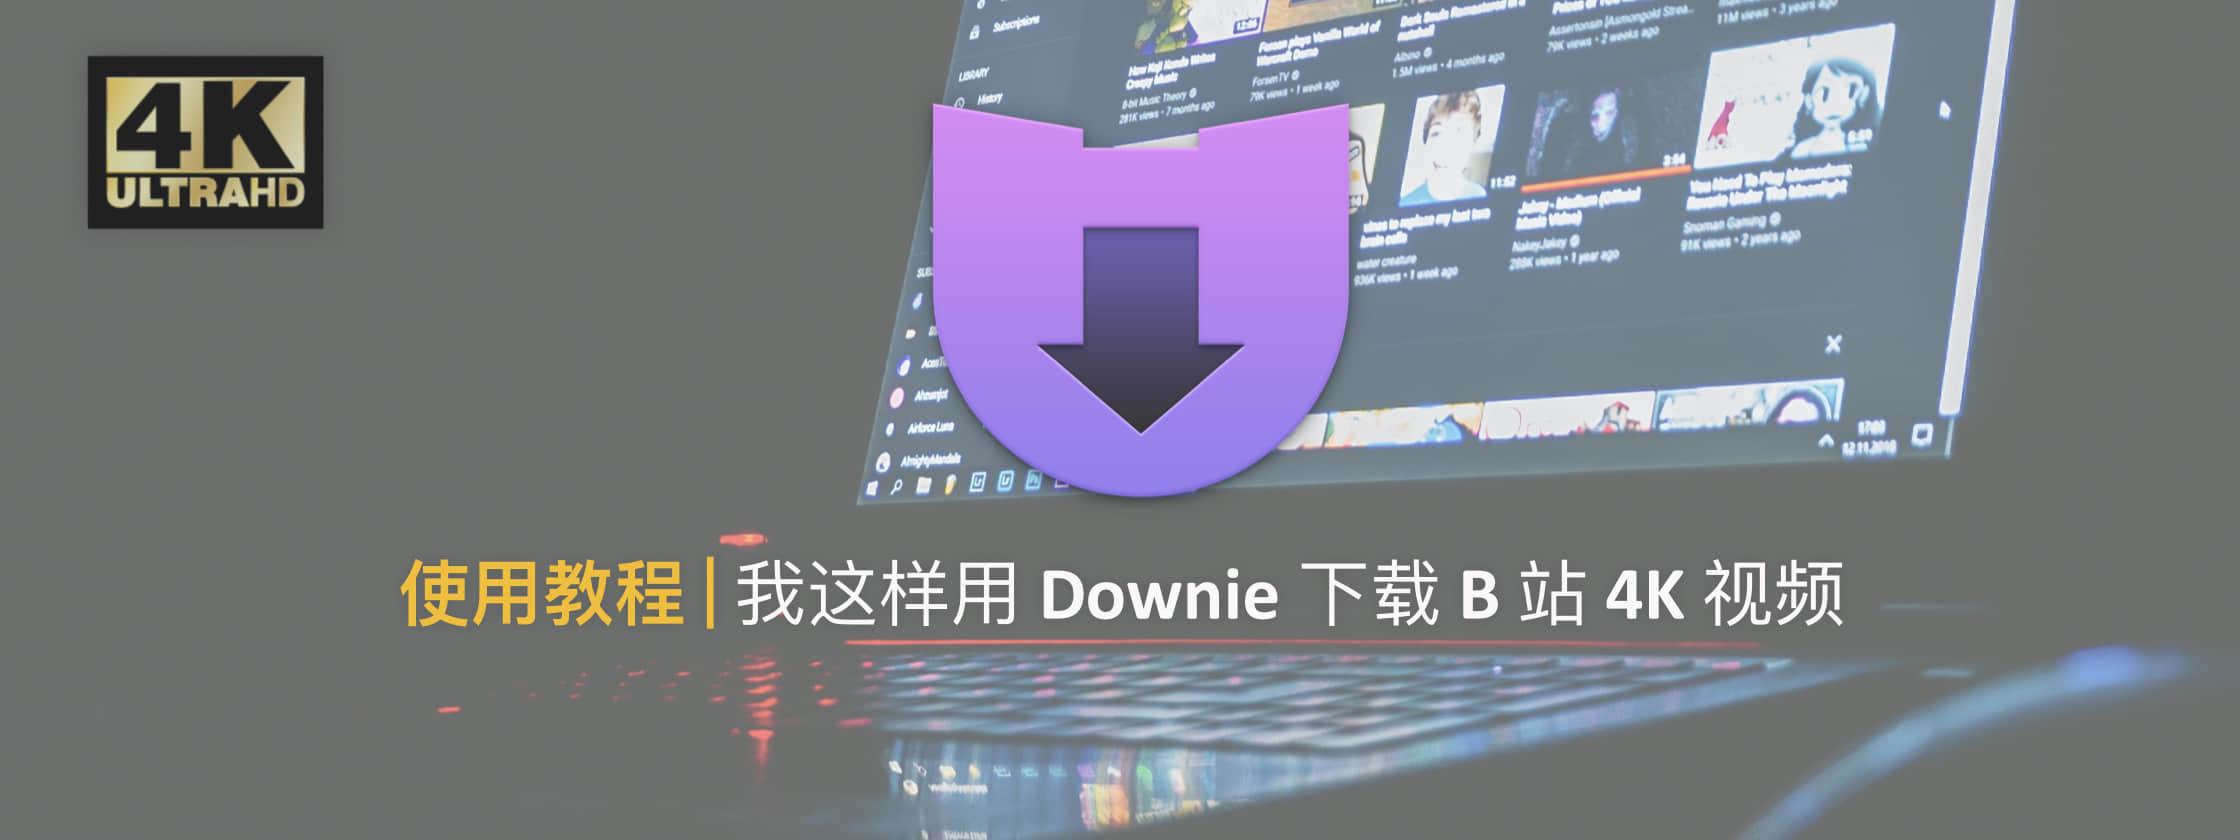 使用教程 | 我这样使用 Downie 下载 B 站 4K 视频